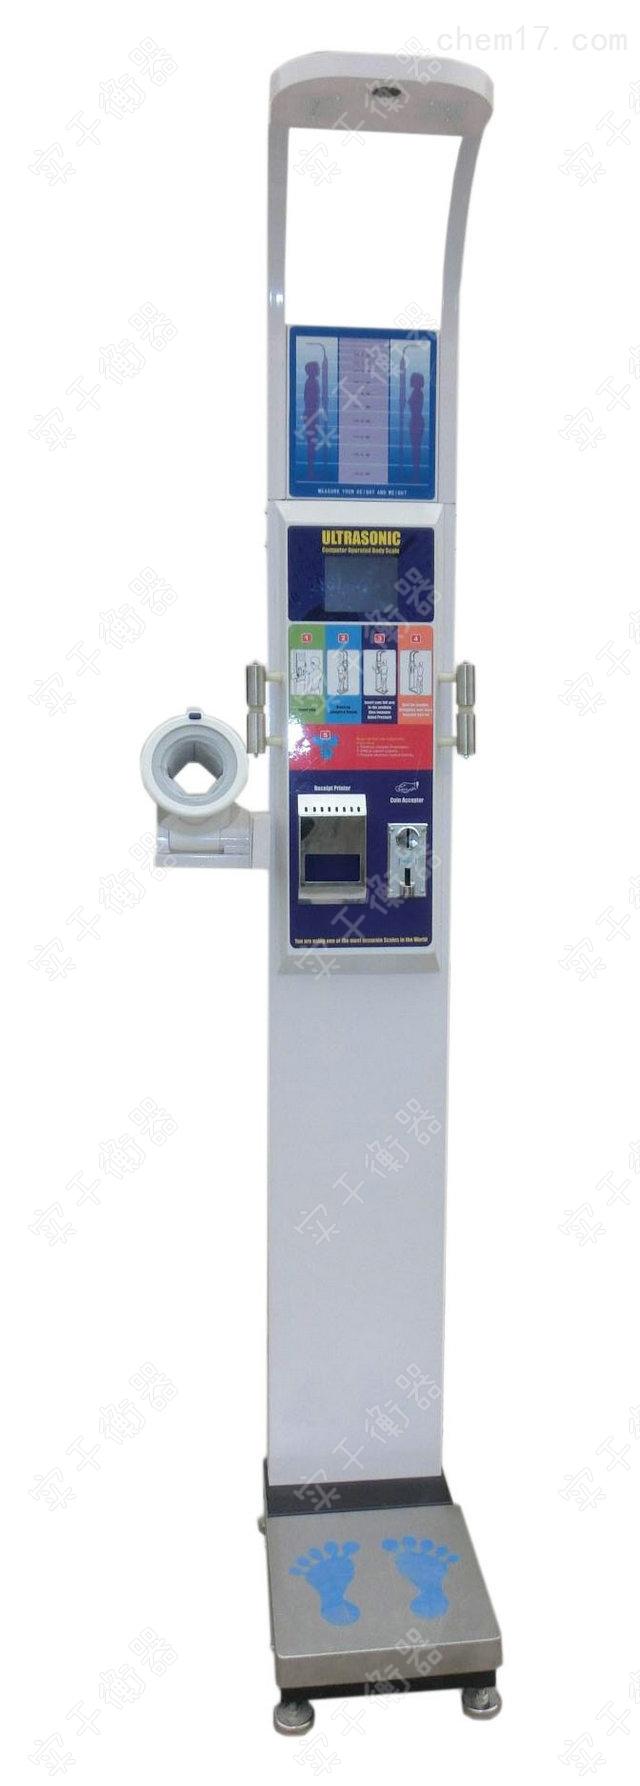 身高体重秤测量仪带液晶大屏可打印